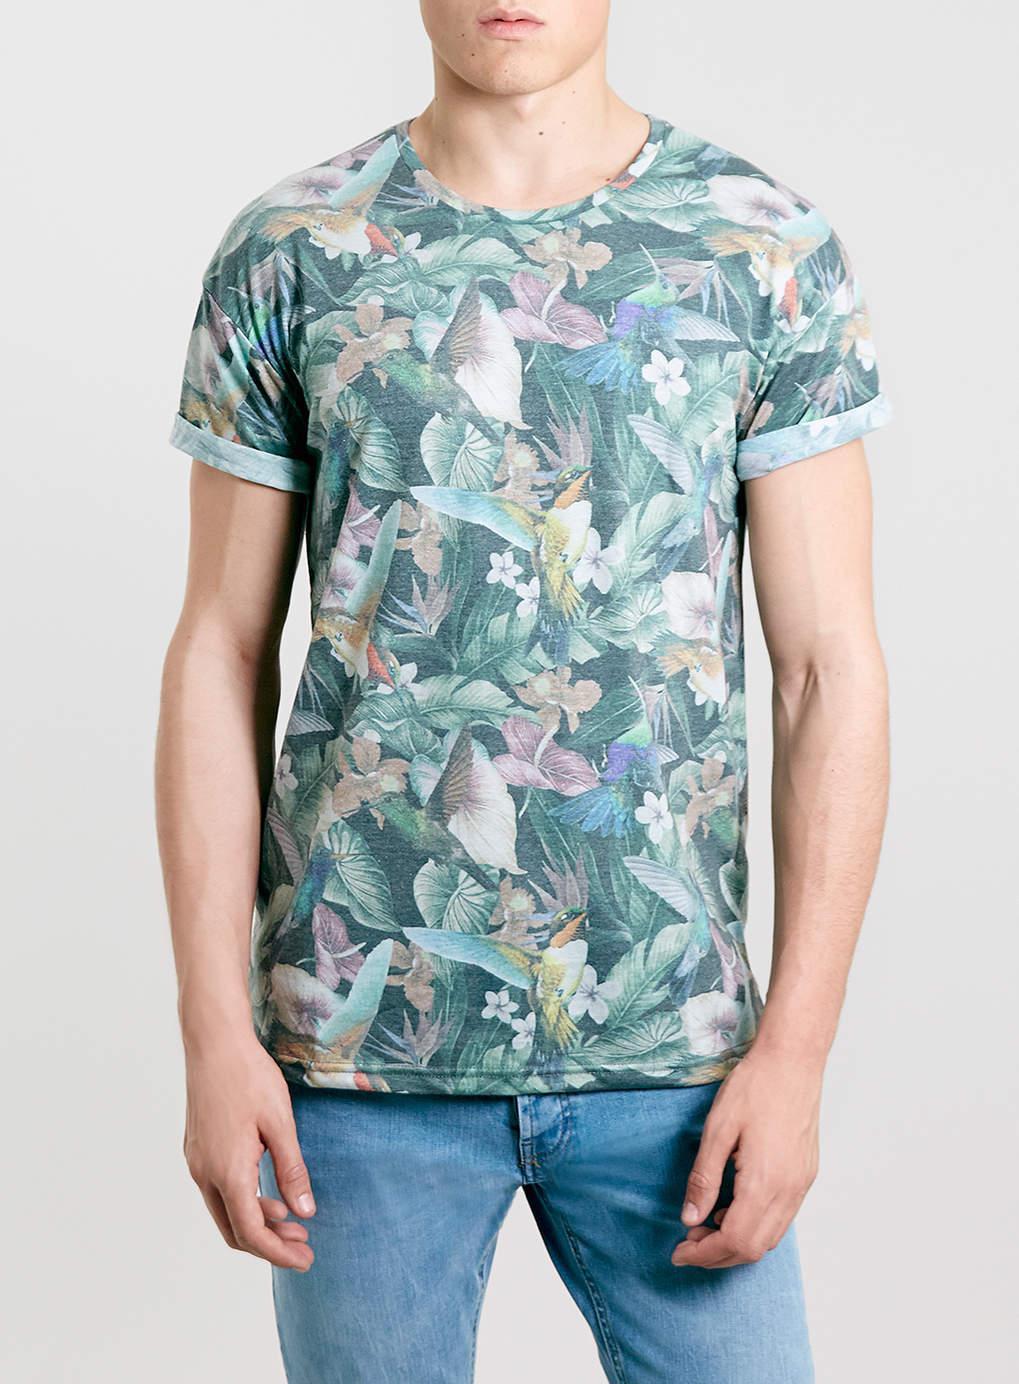 Tropical Birds Roller T-shirt, $40 at Topman *